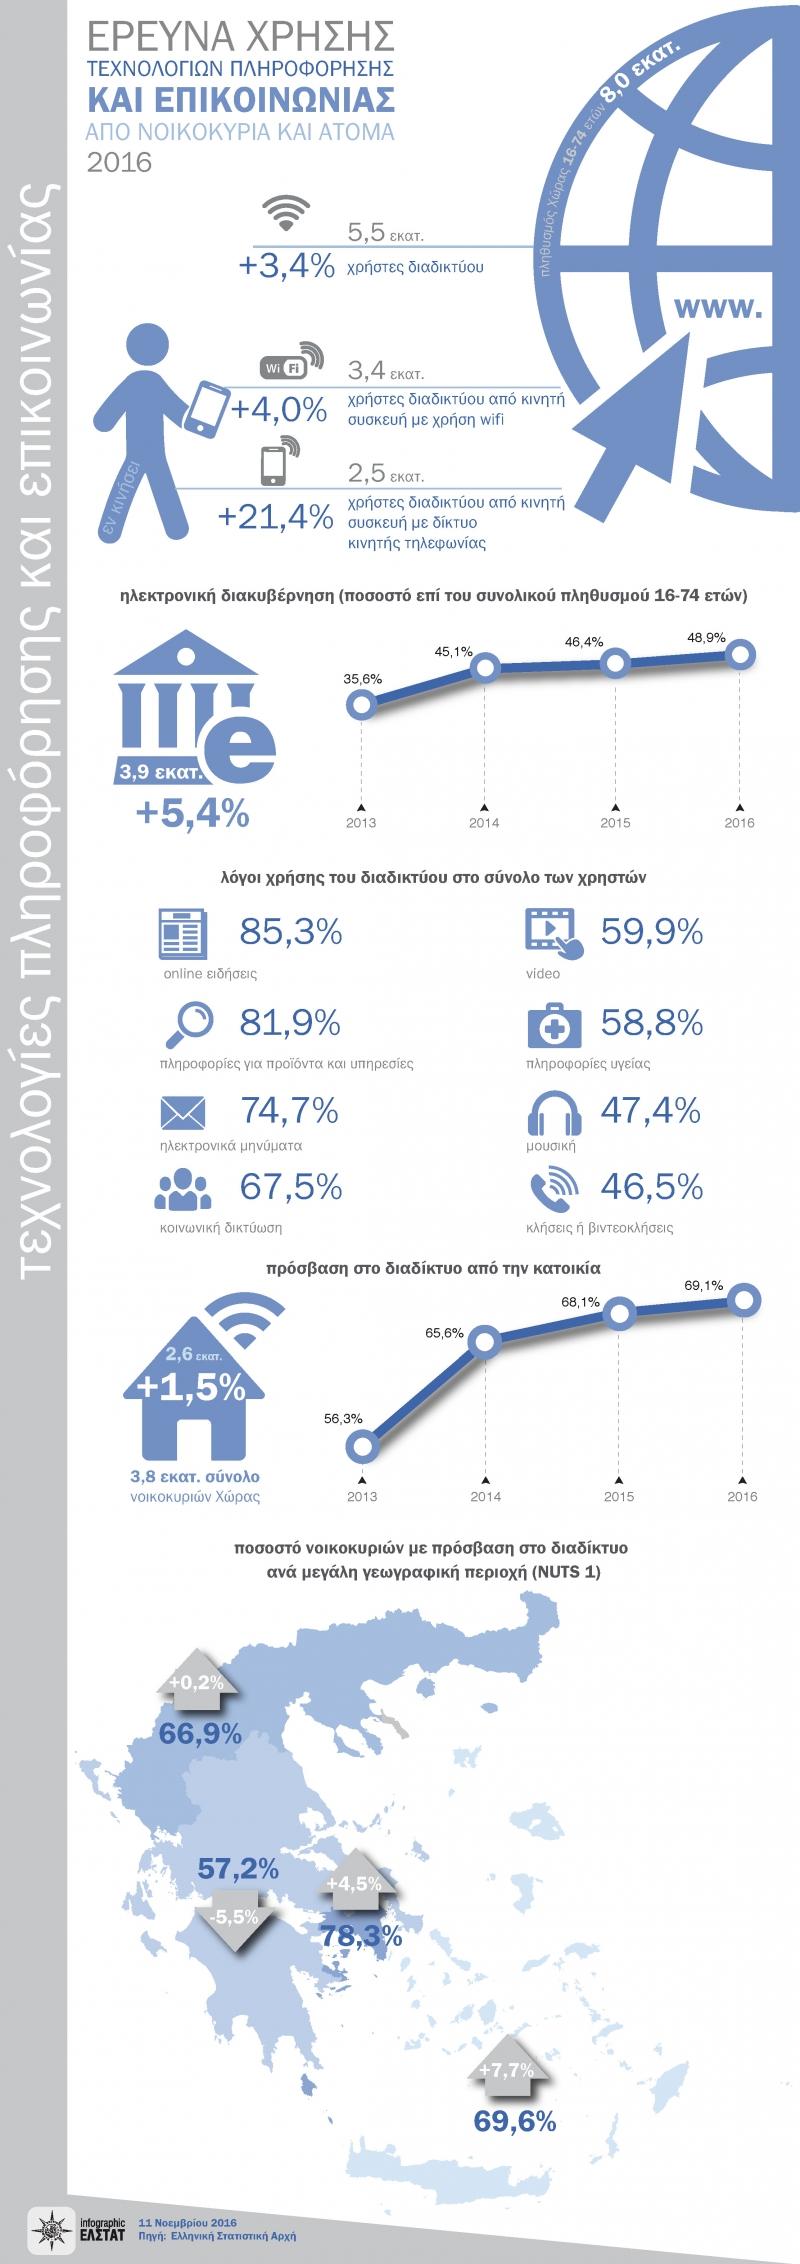 Έρευνα Χρήσης Τεχνολογιών Πληροφόρησης και Επικοινωνίας από Νοικοκυριά και Άτομα 2016-2 full